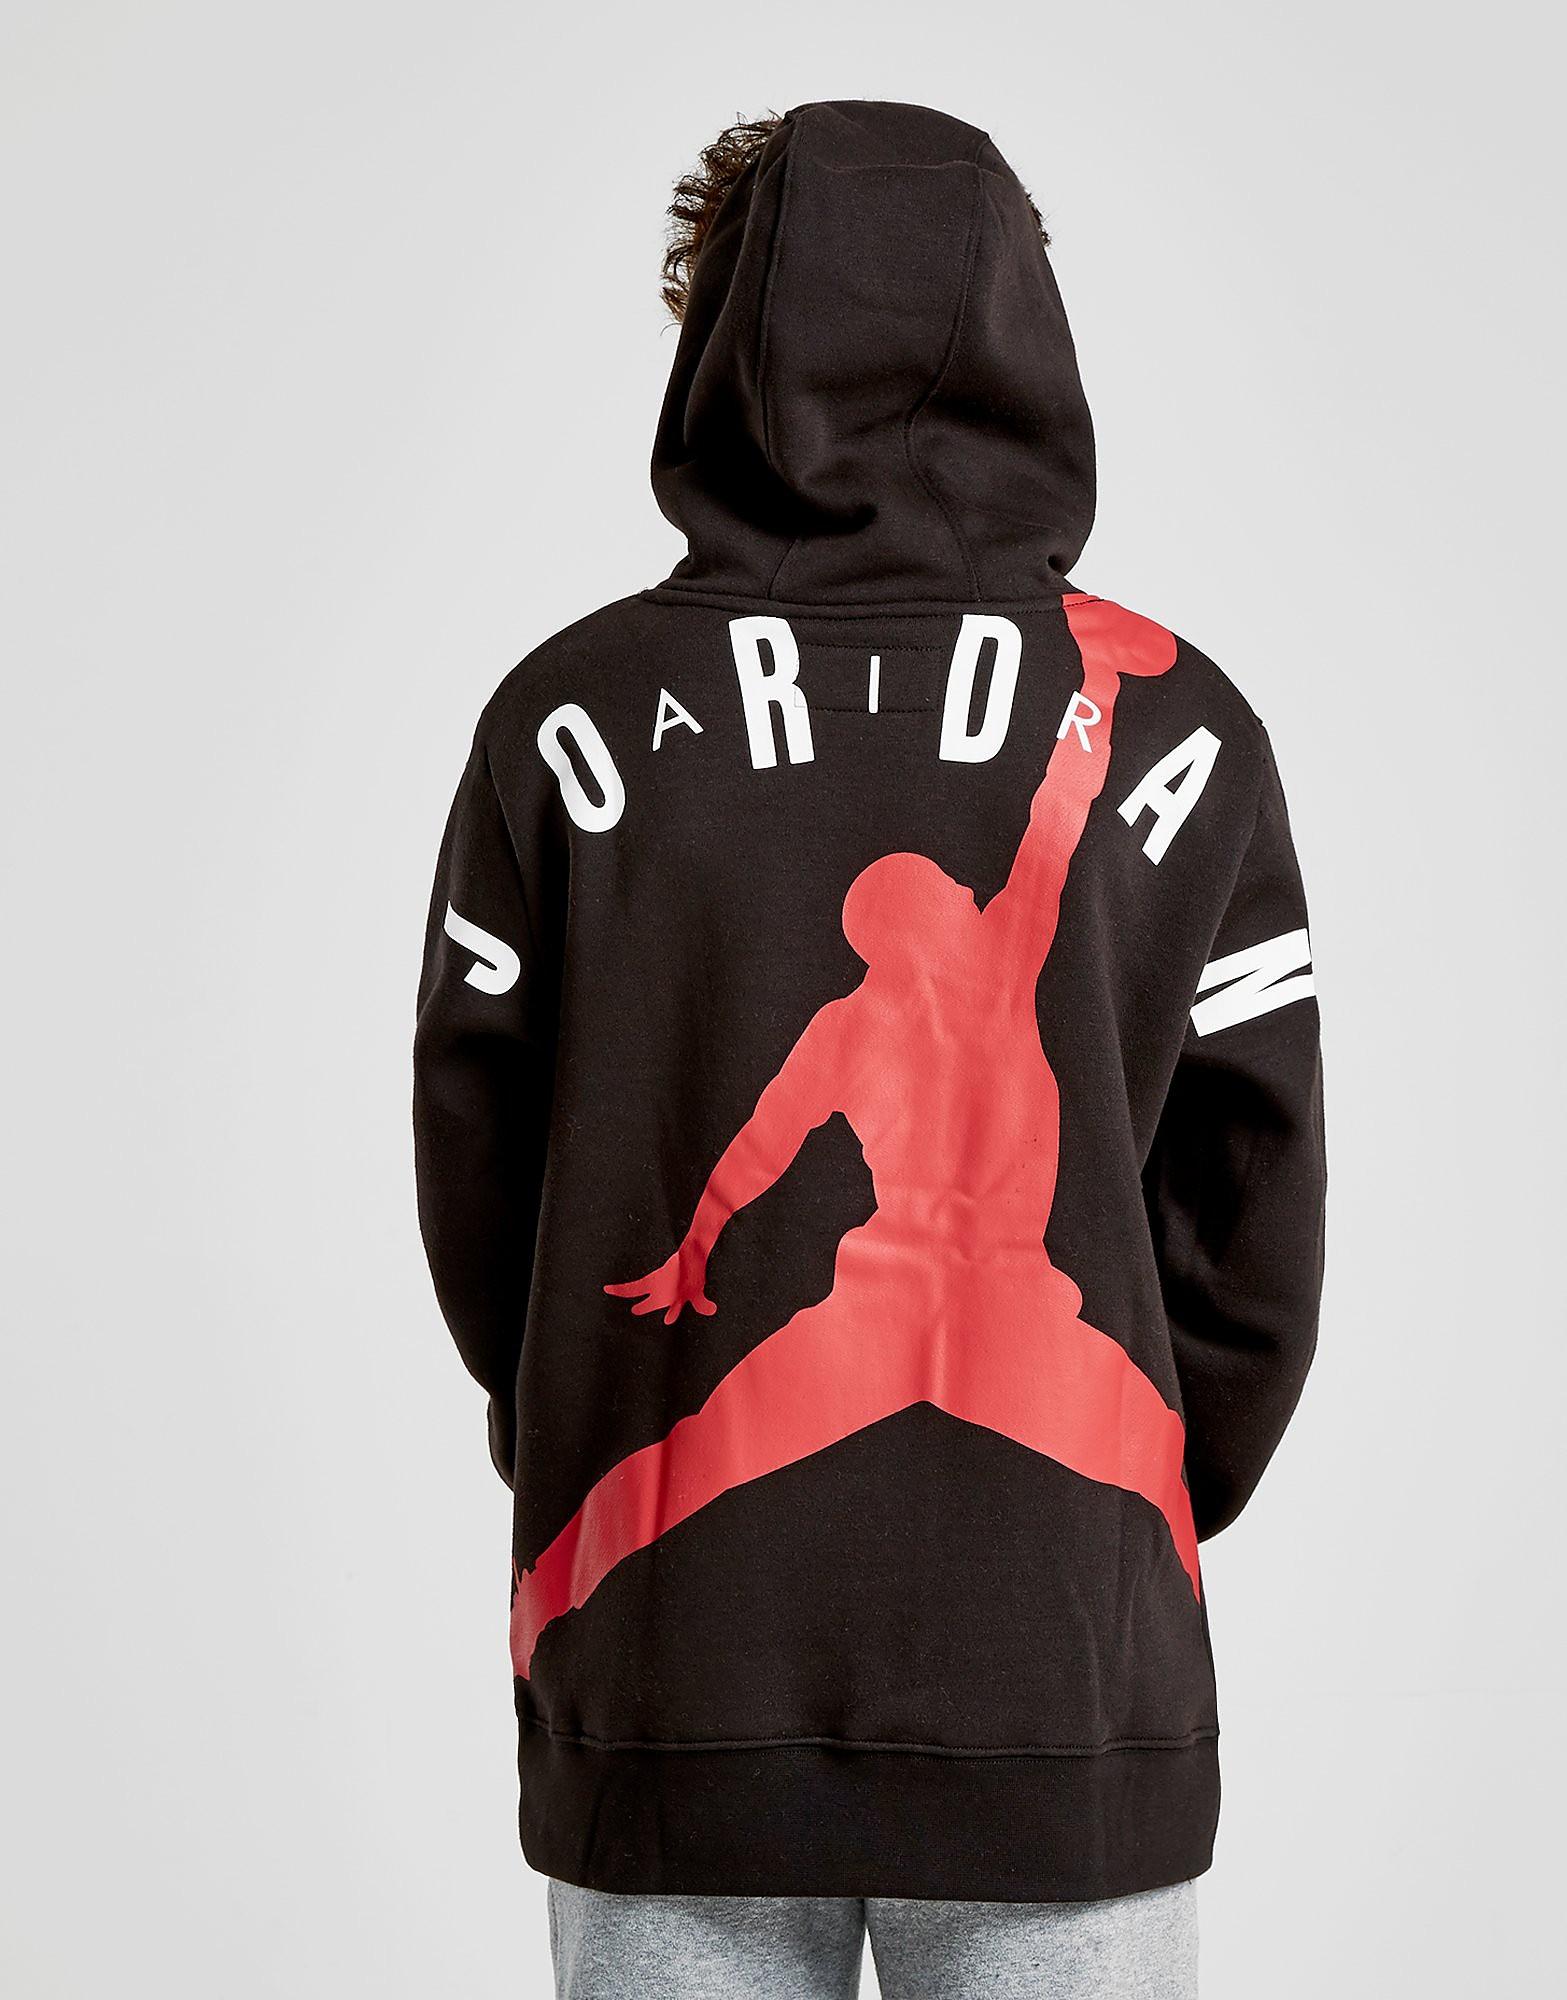 Jordan Hoodies Sweats Kids Jd Sports